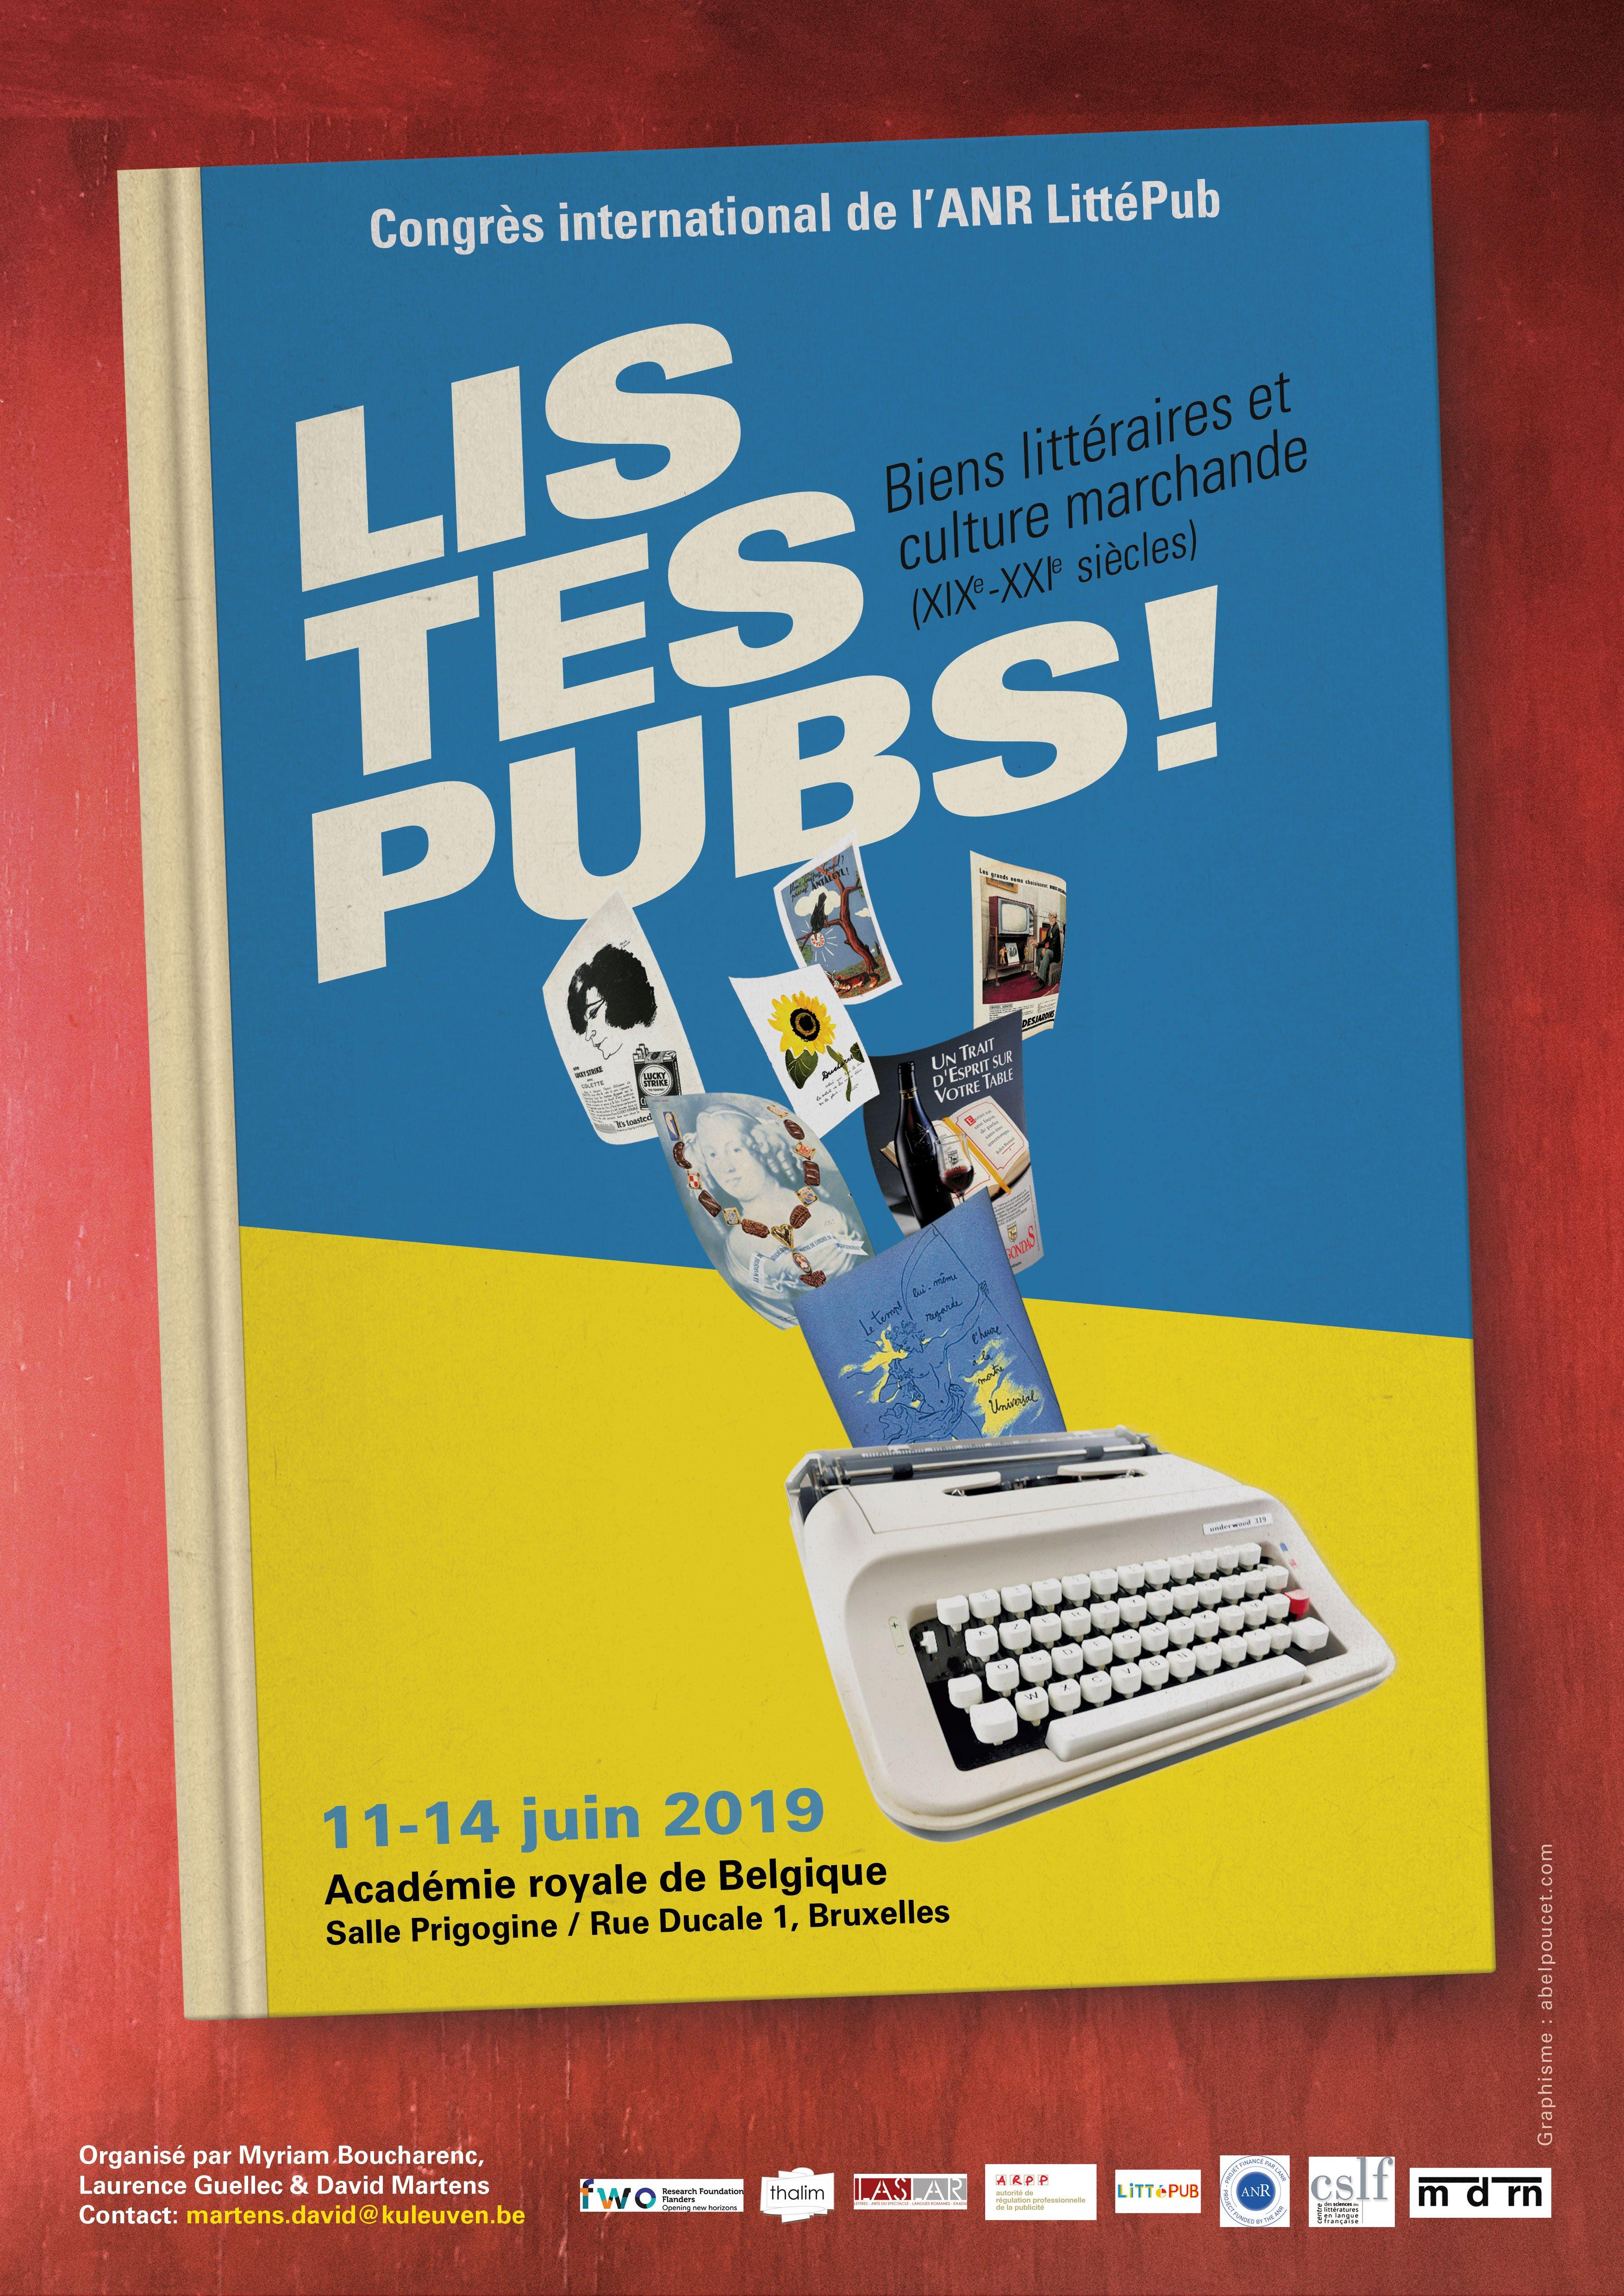 Lis tes pubs ! Biens littéraires et culture marchande (XIXe-XXIe siècles) - Bruxelles